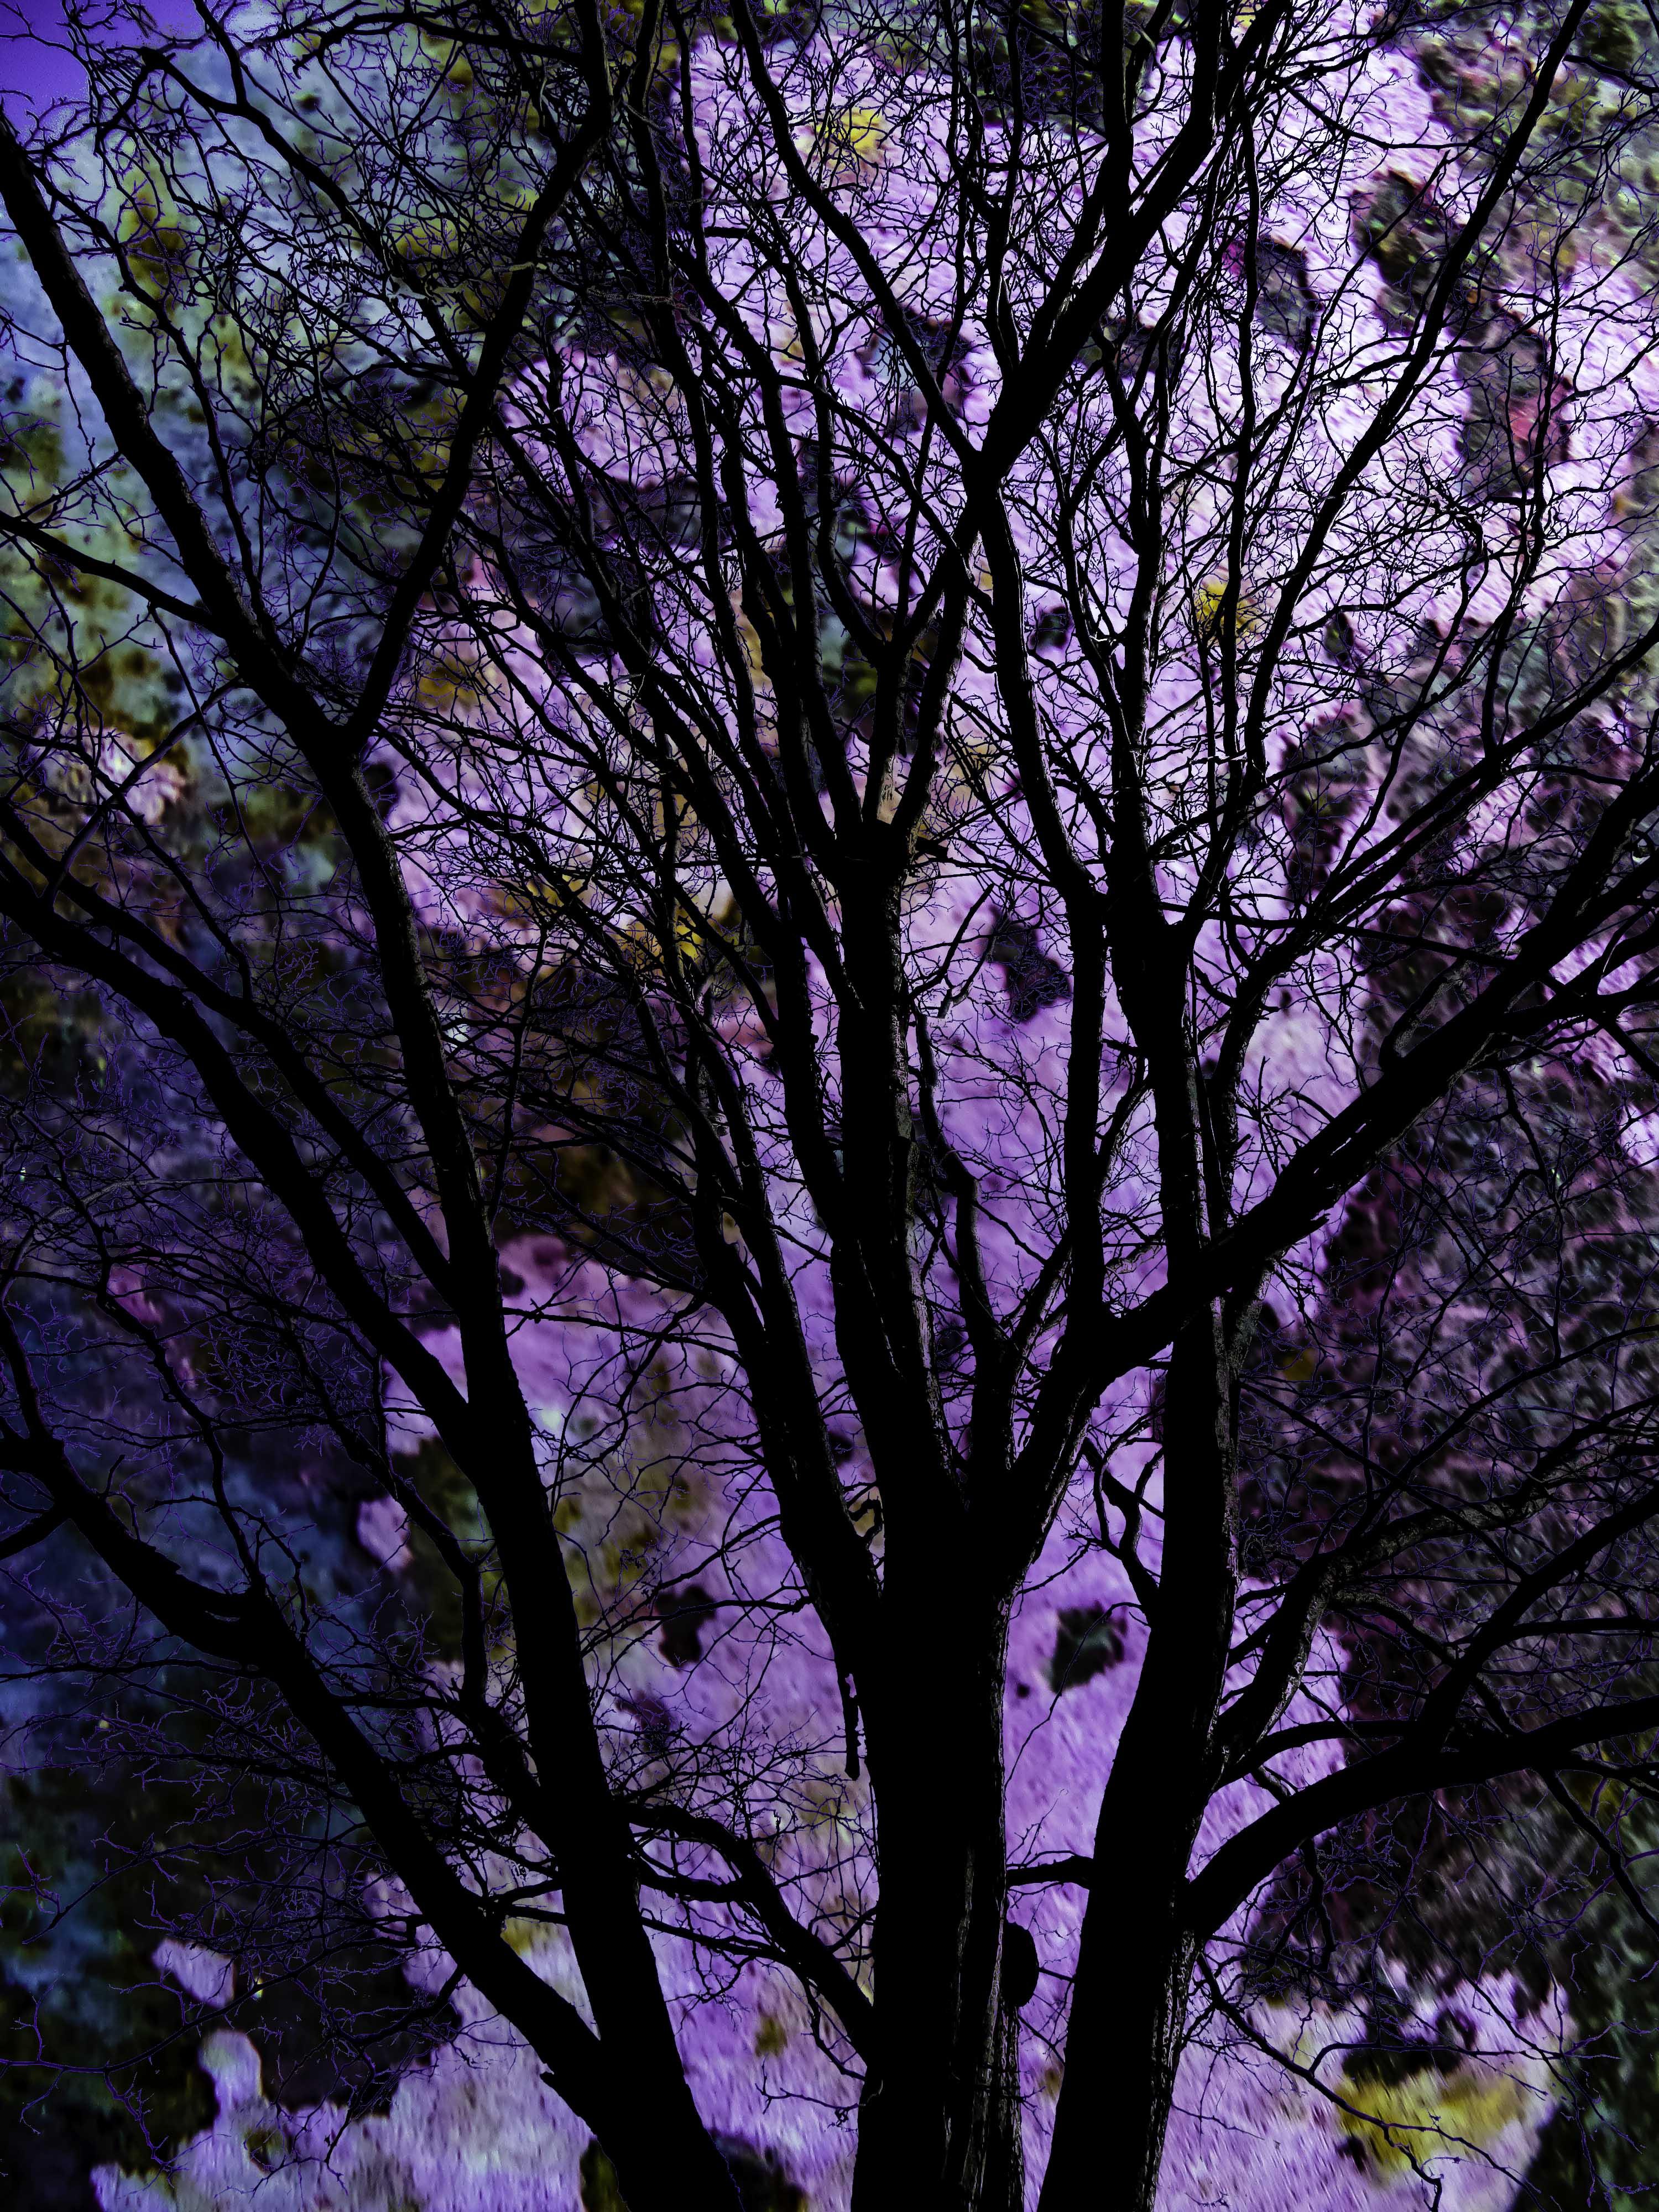 Tree at Night FLW 343434 ghgtgt